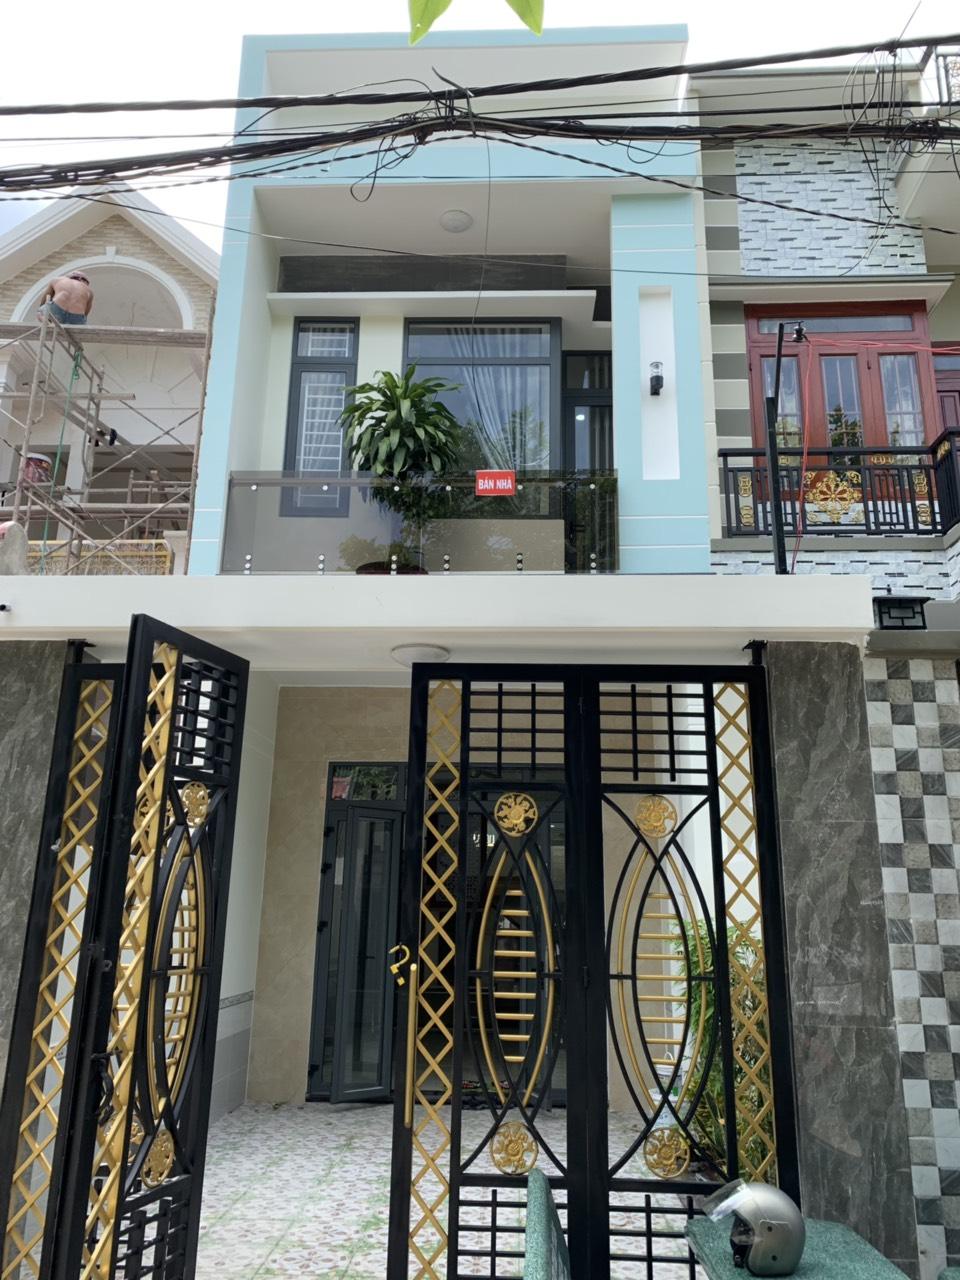 Bán nhà Dĩ An 1 lầu 1 trệt gần trung tâm y tế Dĩ An phường Tân Đông Hiệp Dĩ An sổ hồng riêng